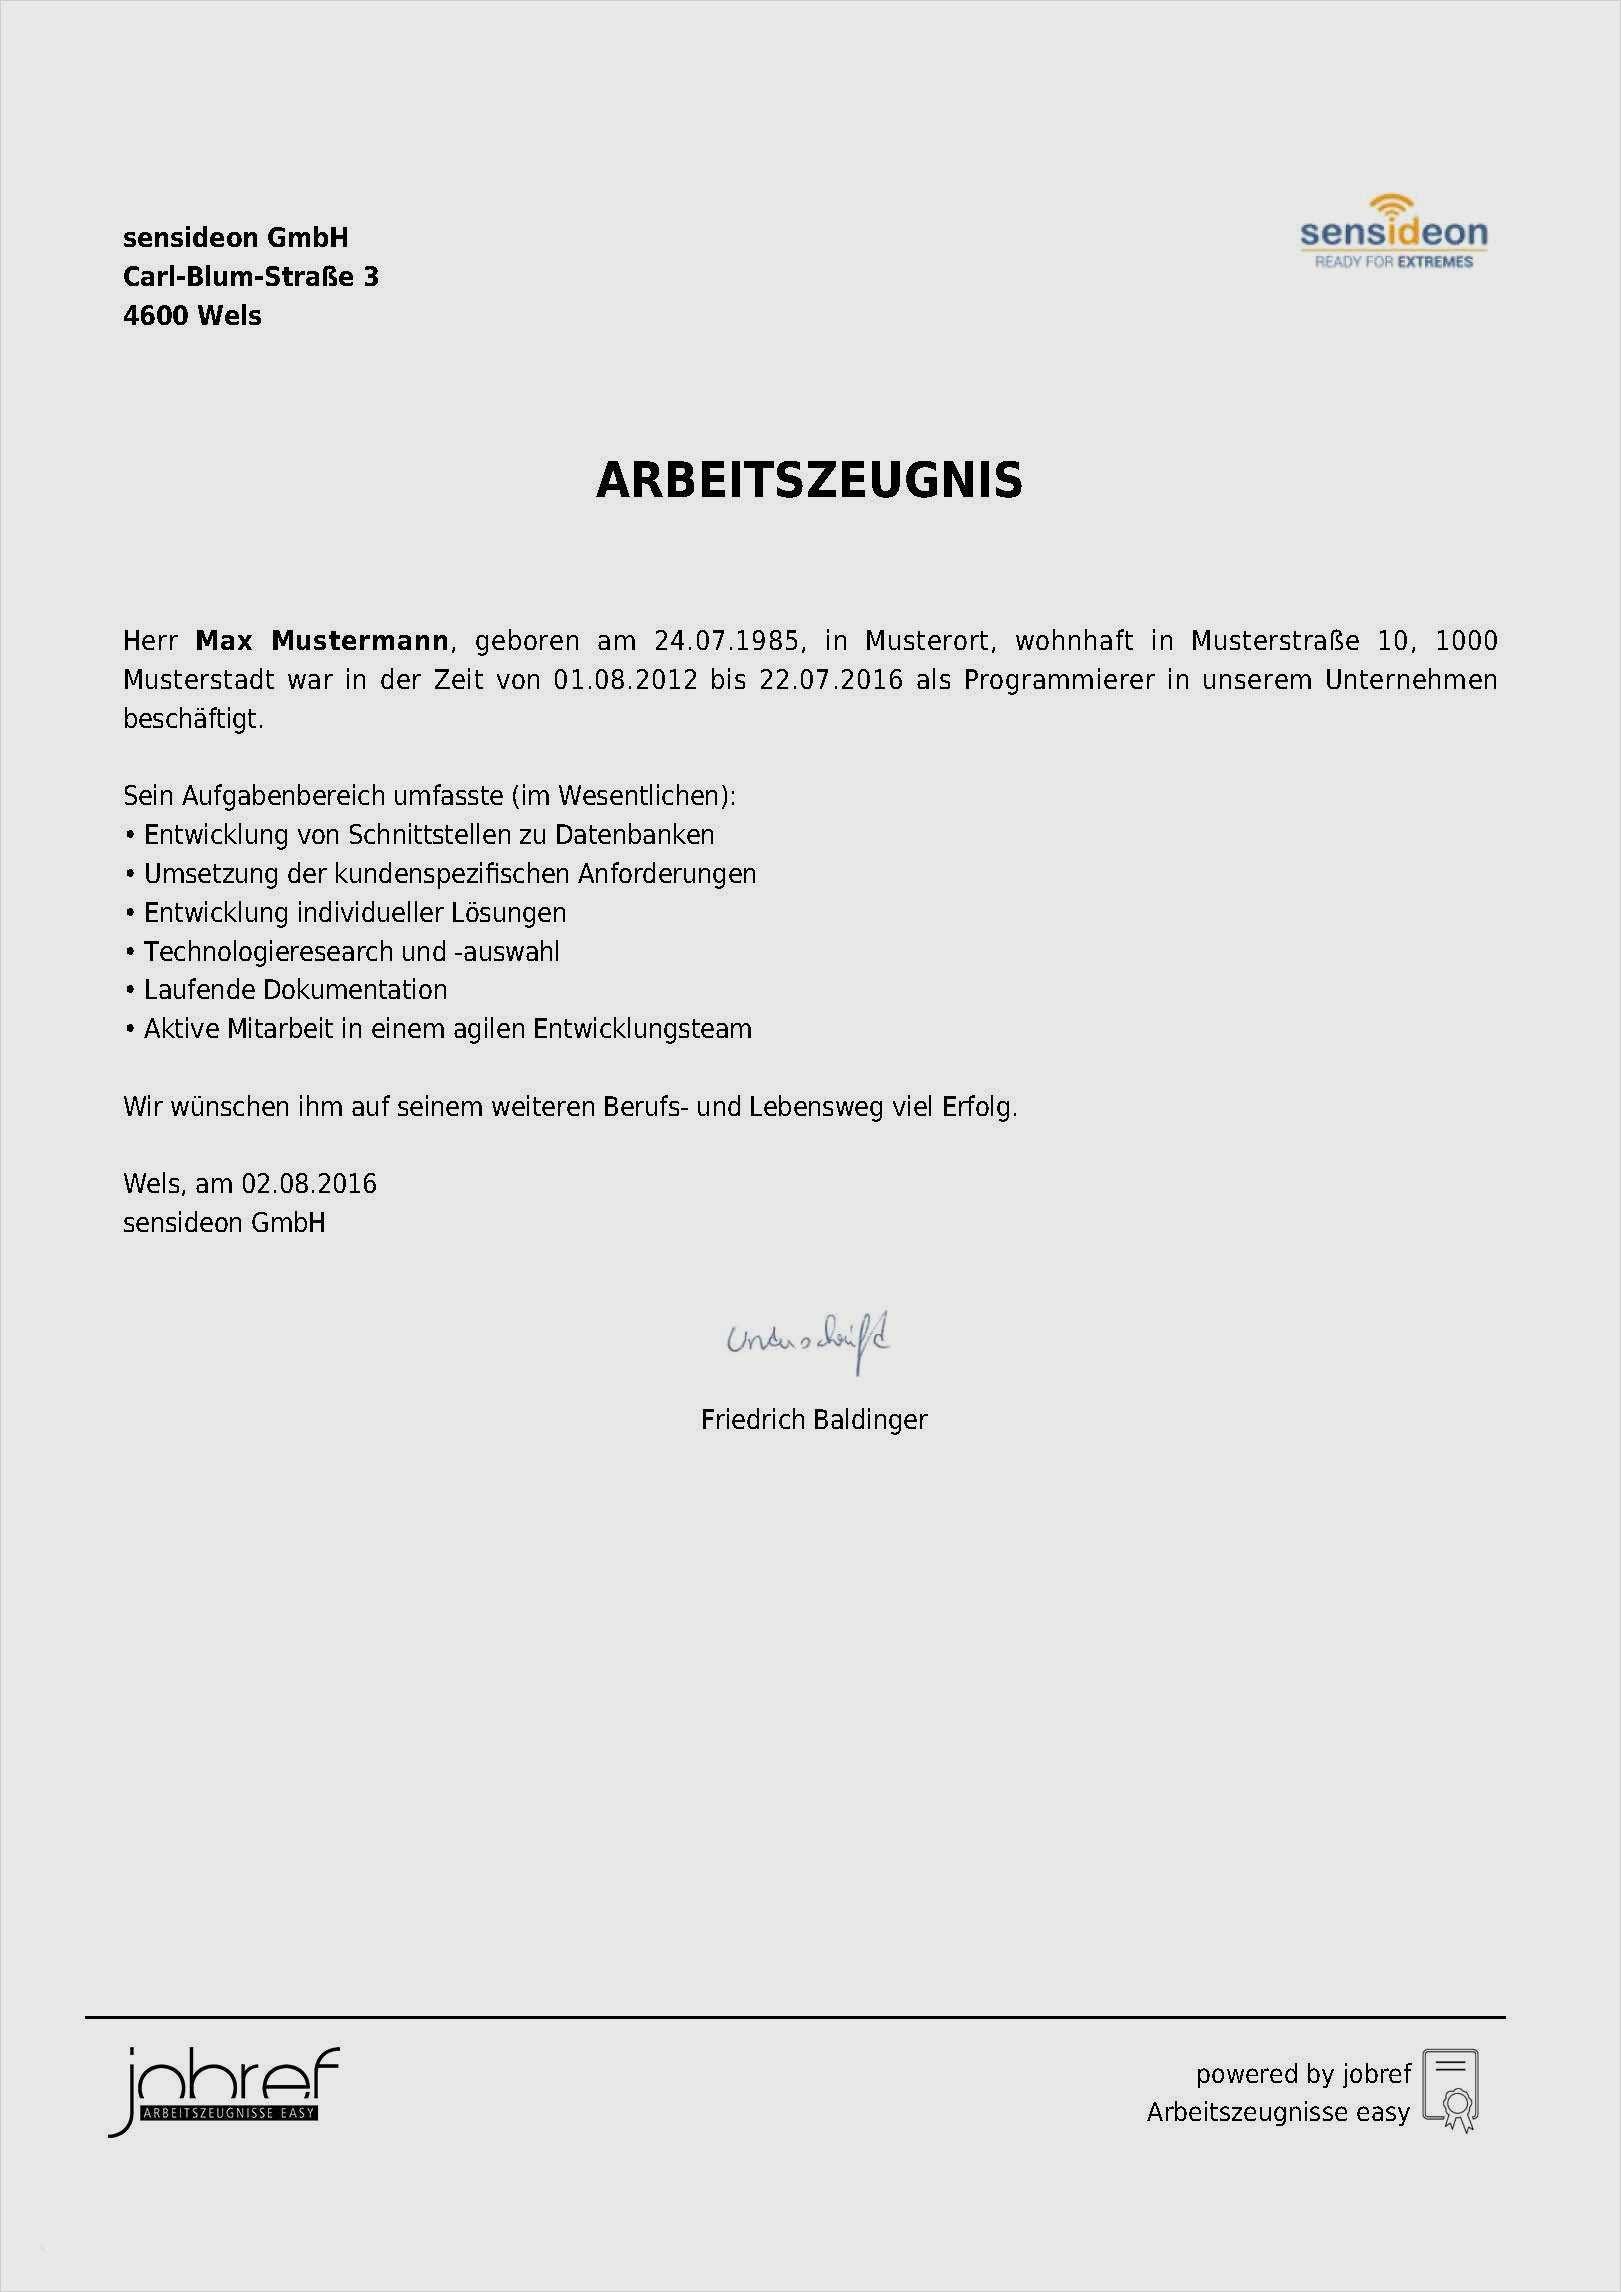 Arbeitszeugnis Muster Vorlagen Schweiz Kostenlos Downloaden 15